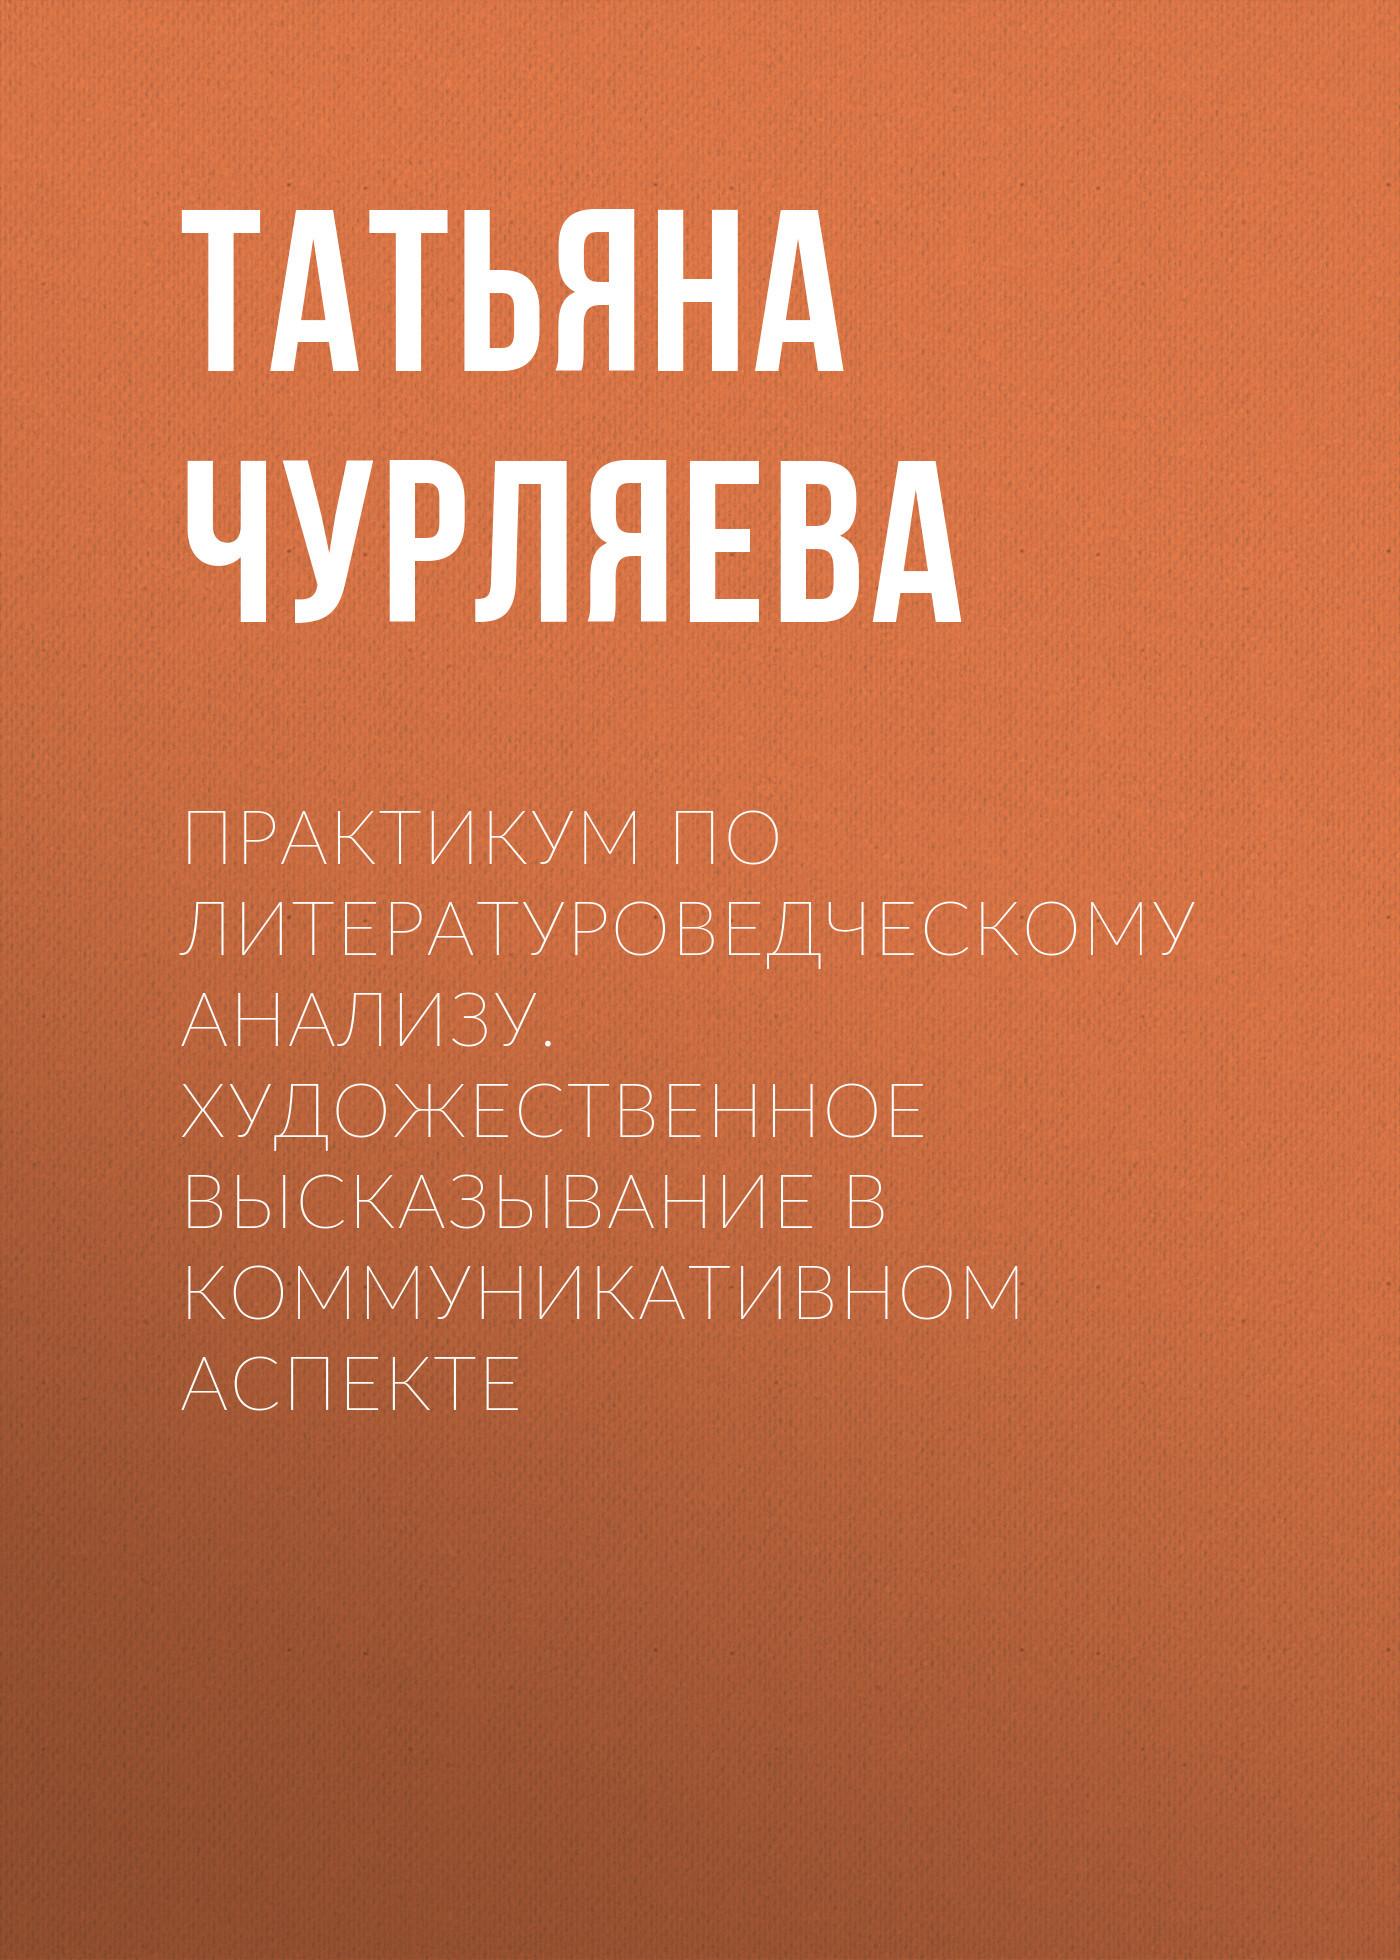 Татьяна Чурляева бесплатно